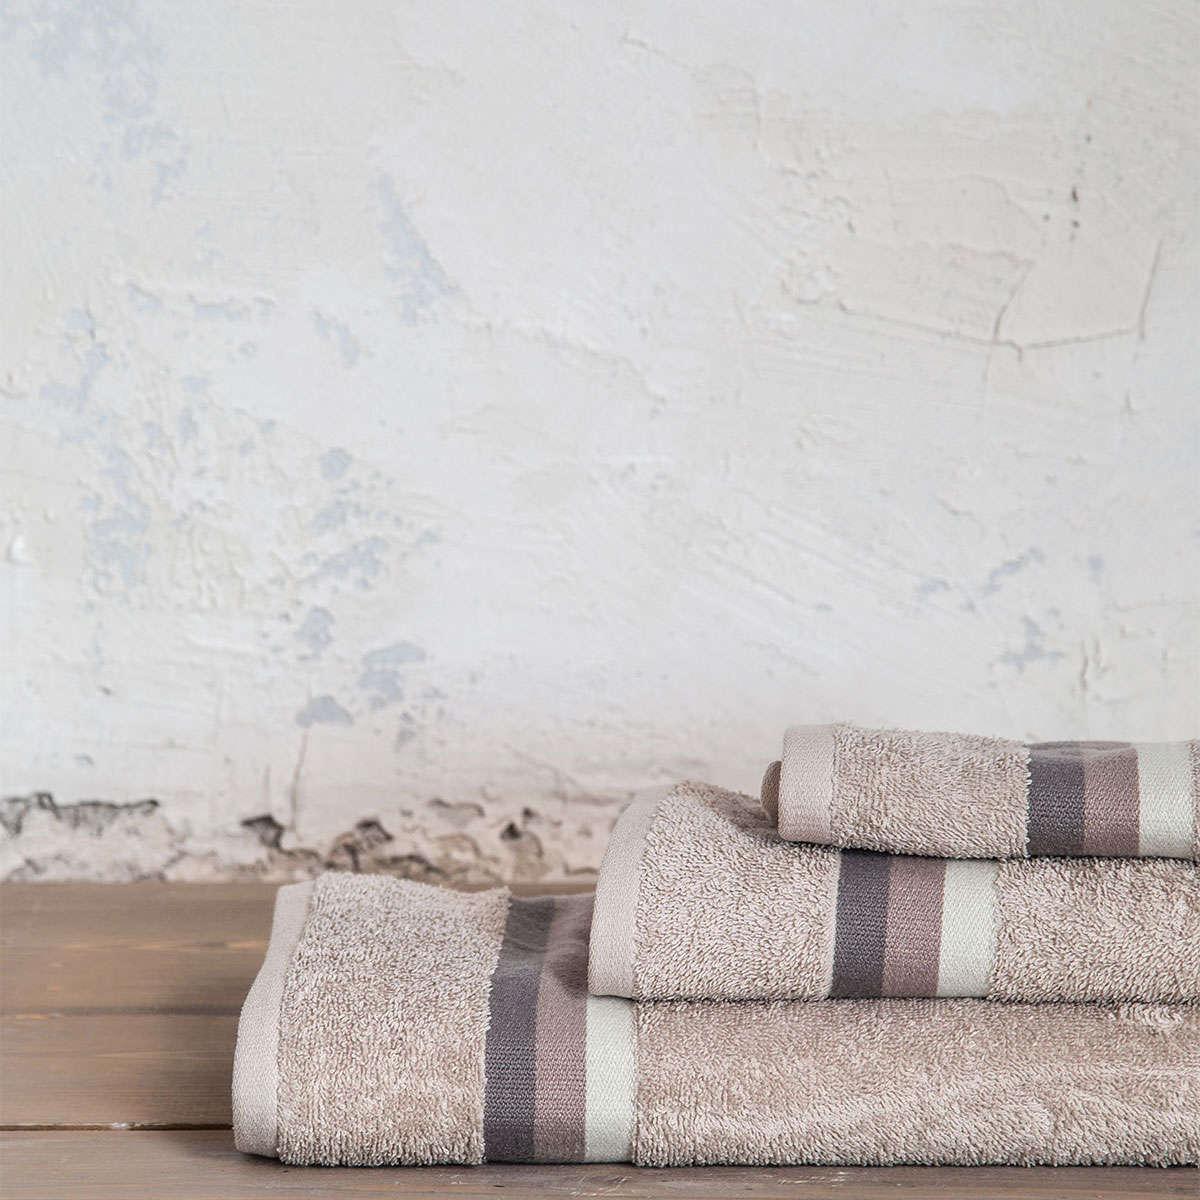 Πετσέτες Σετ 3τμχ. Avra – Sunny Beige Nima Σετ Πετσέτες 70x140cm